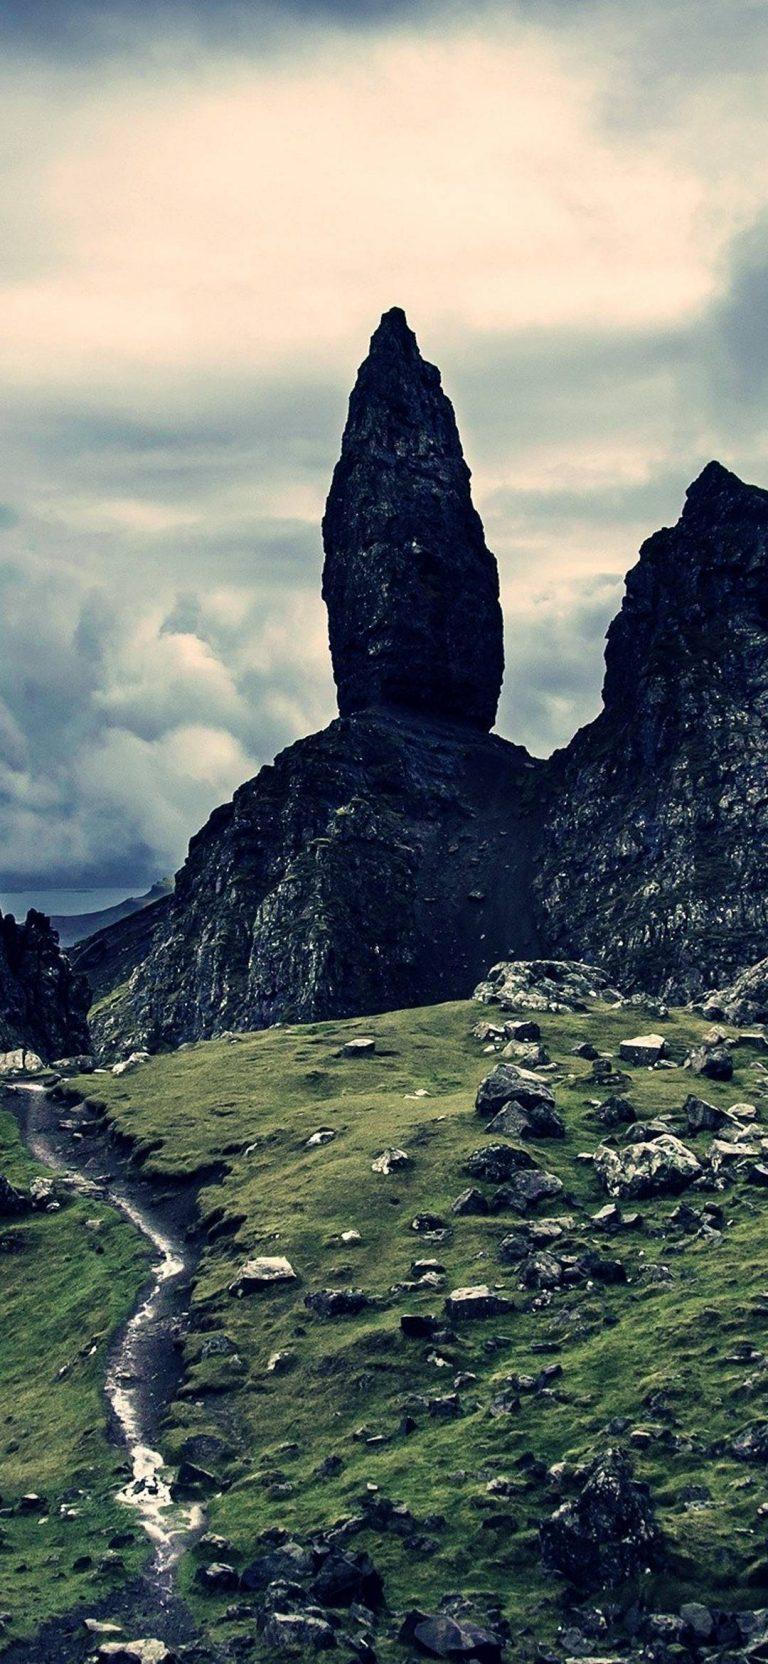 Mountains Landscape Rocks Stones 1080x2340 768x1664